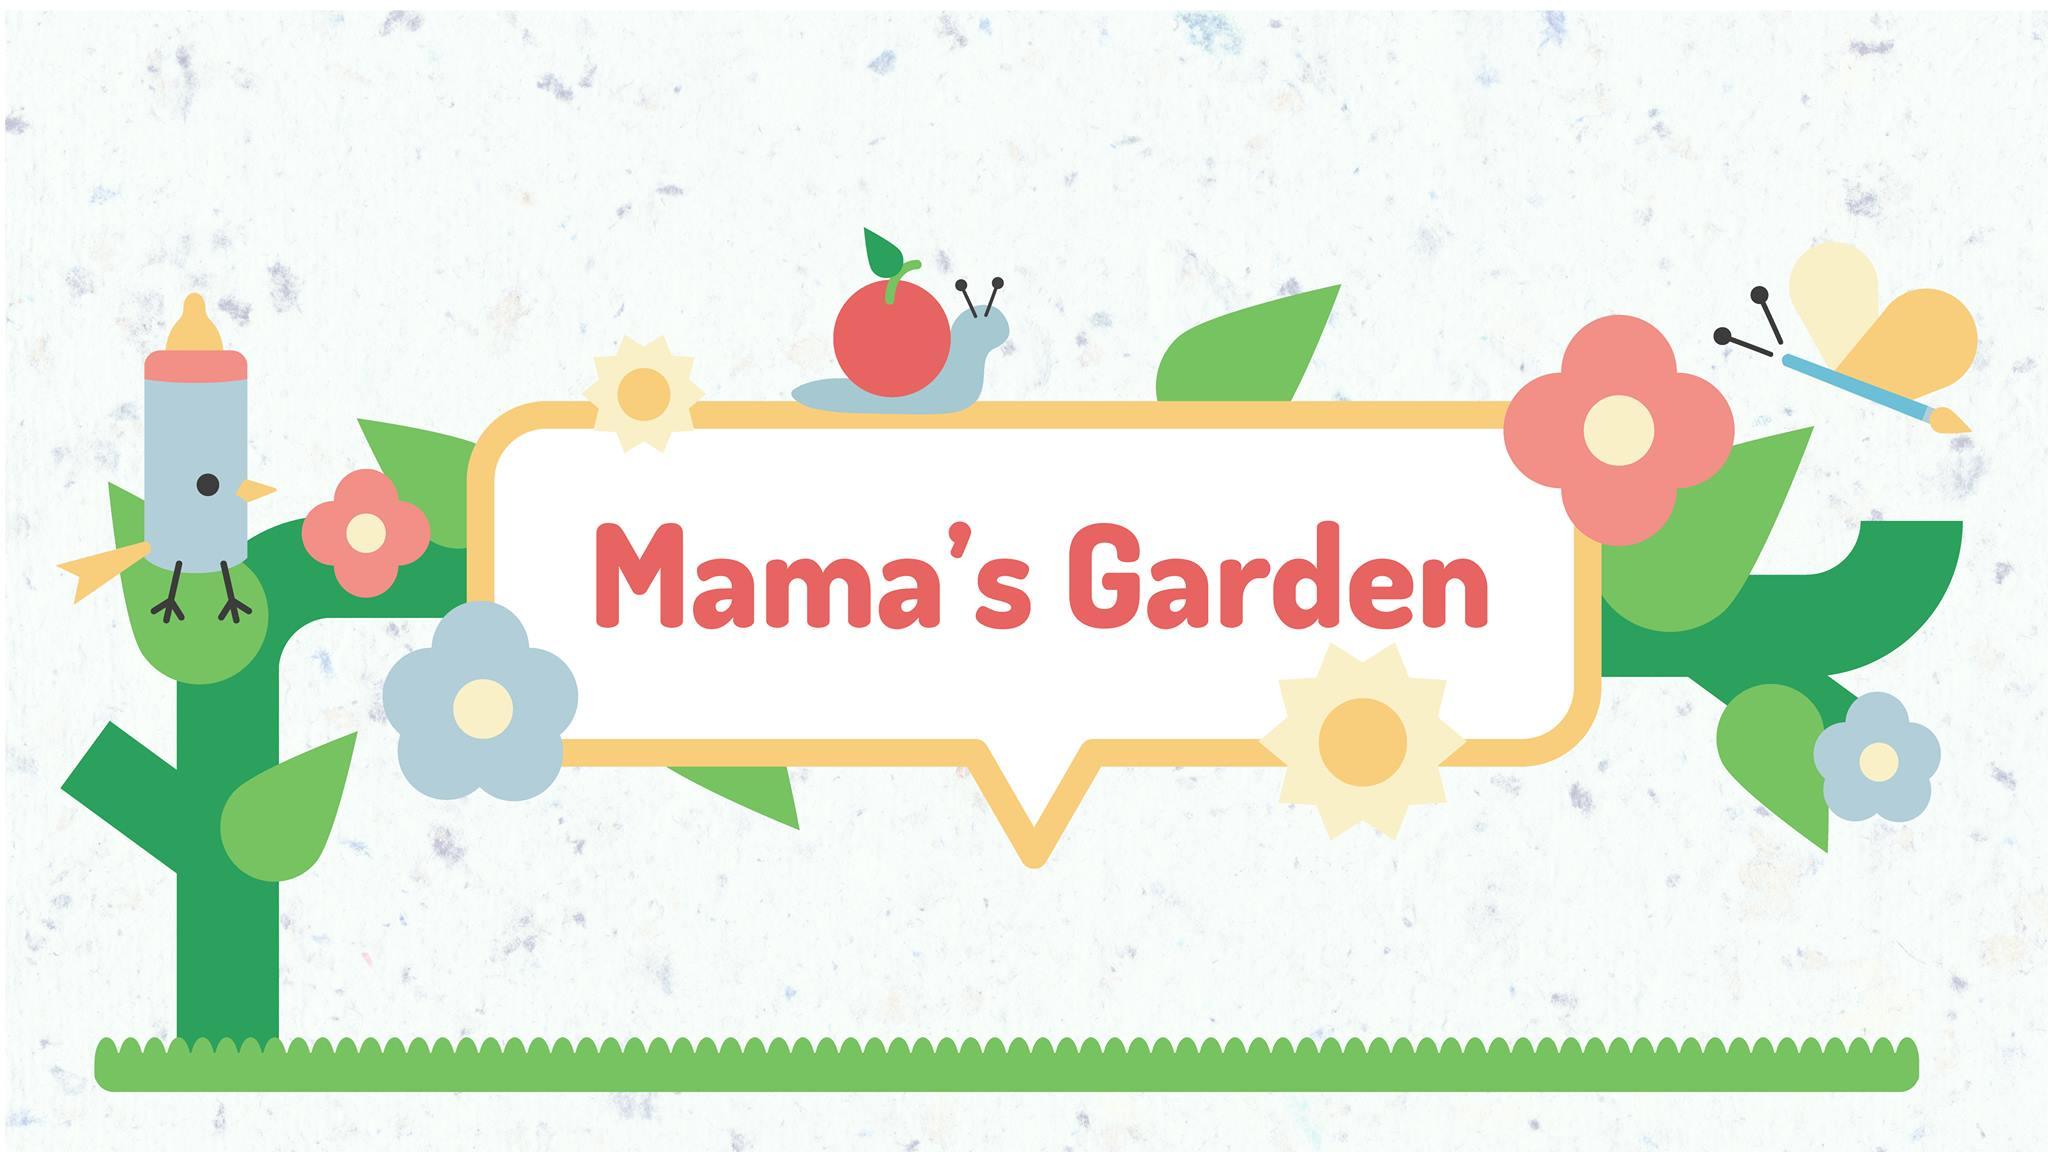 mamas-garden-rotterdam-zuid.jpg